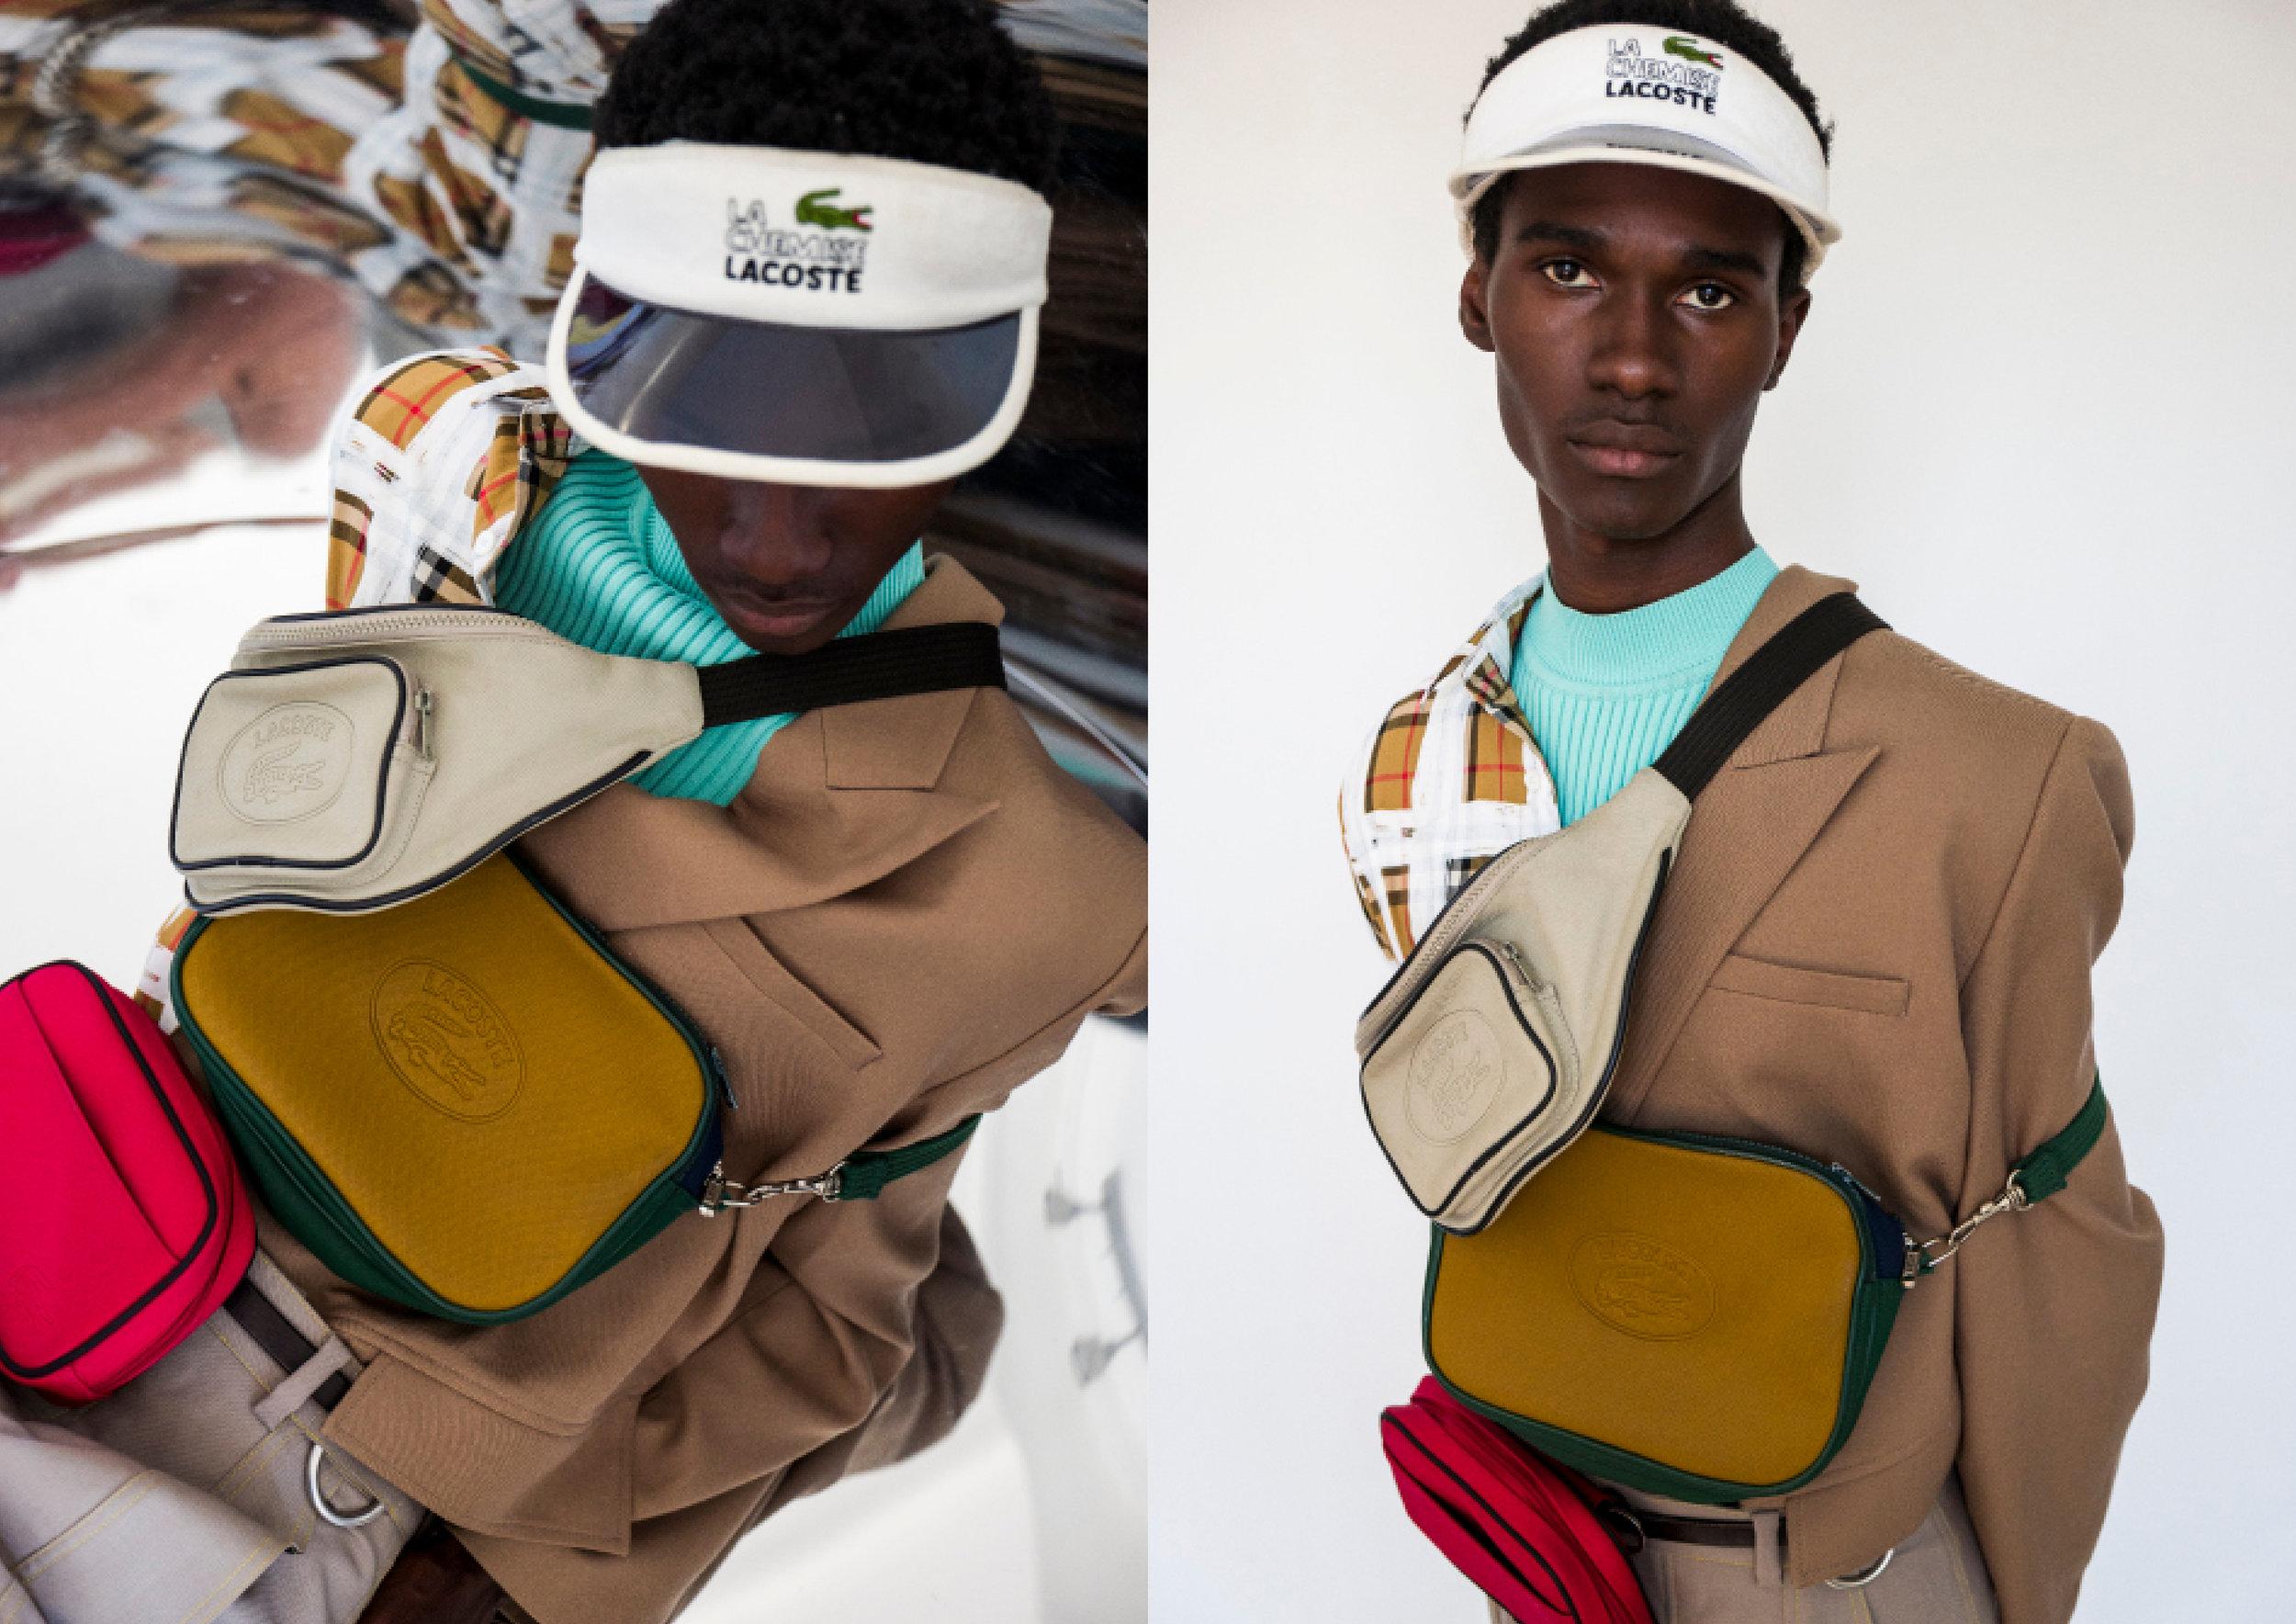 Headwear - Lacoste, Jacket - Burberry, Bags - Lacoste, Knit - Necessity Sense